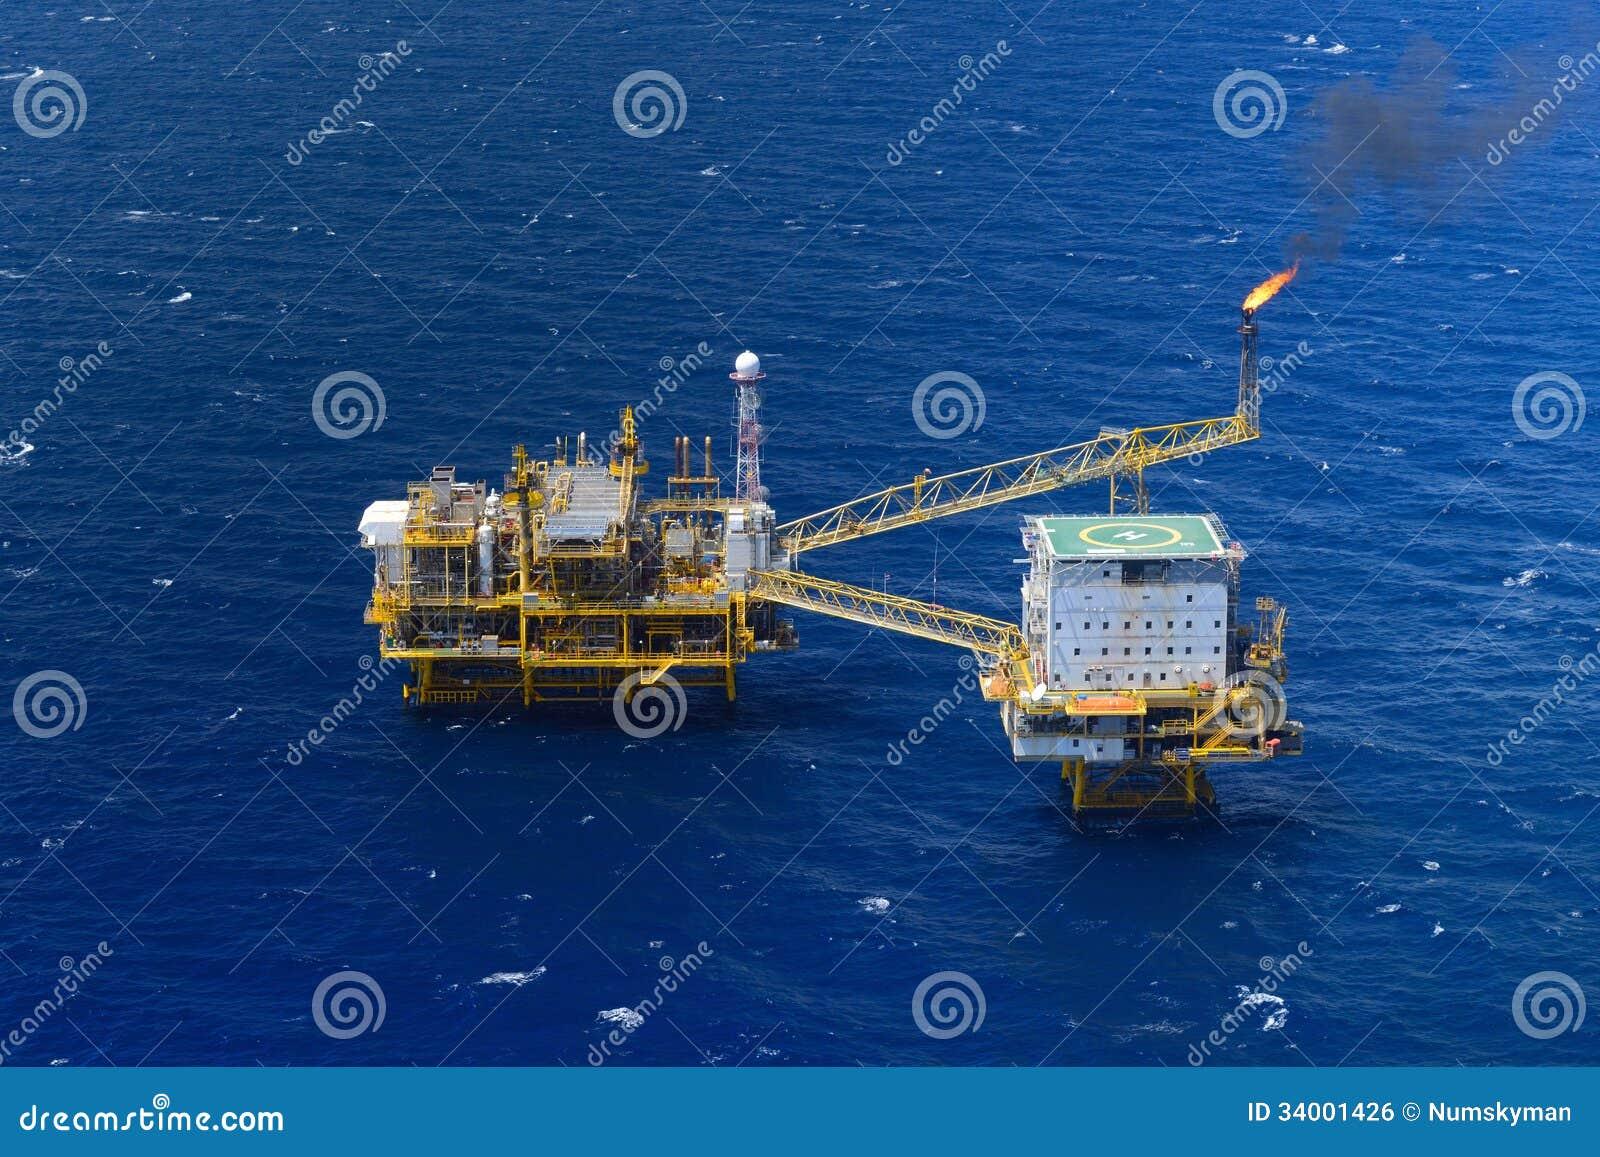 顶视图近海抽油装置平台